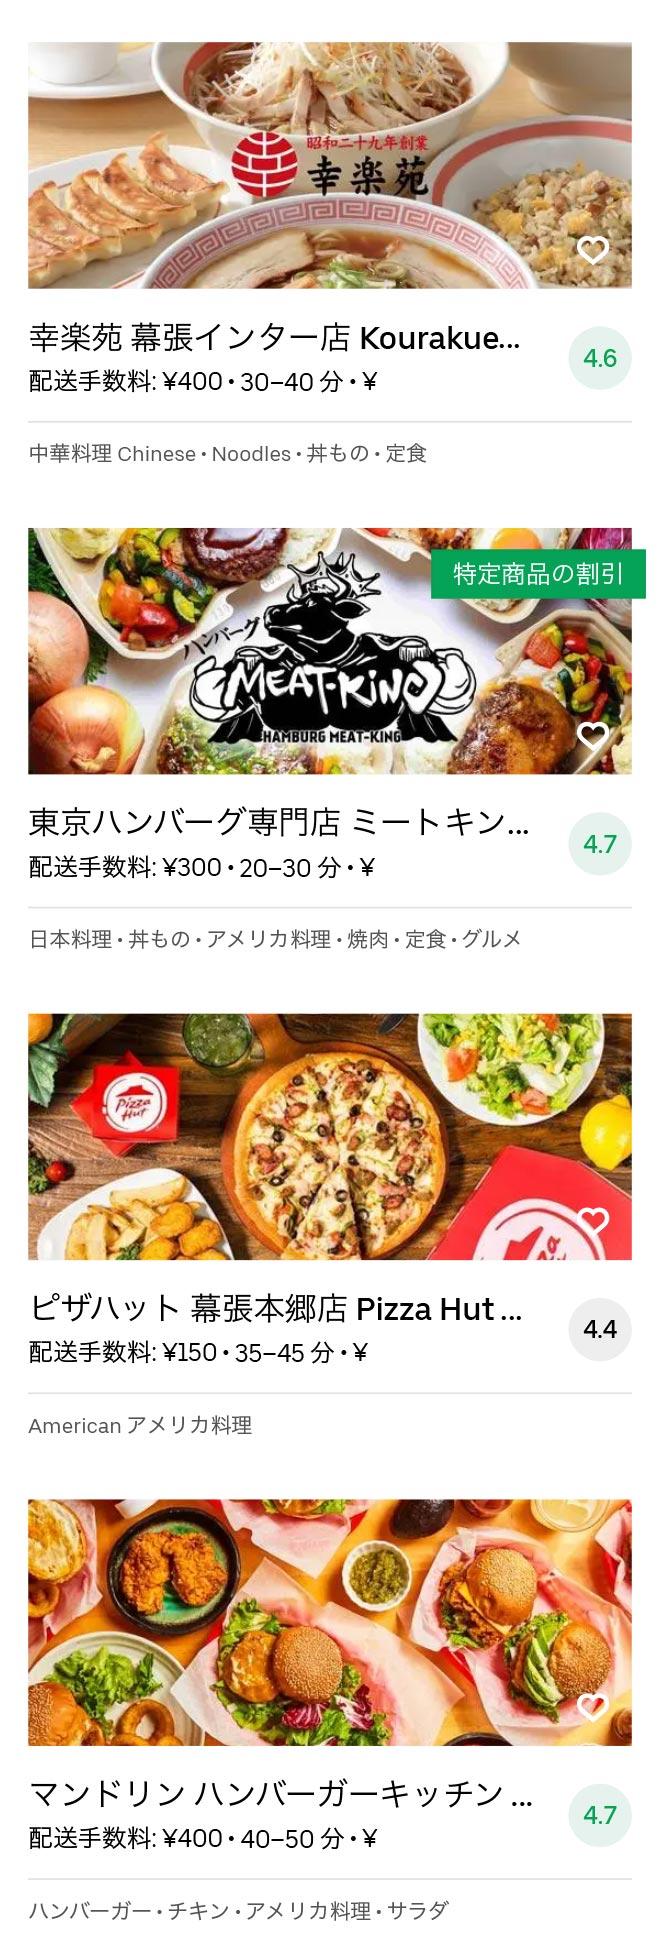 Makuhari menu 2010 11